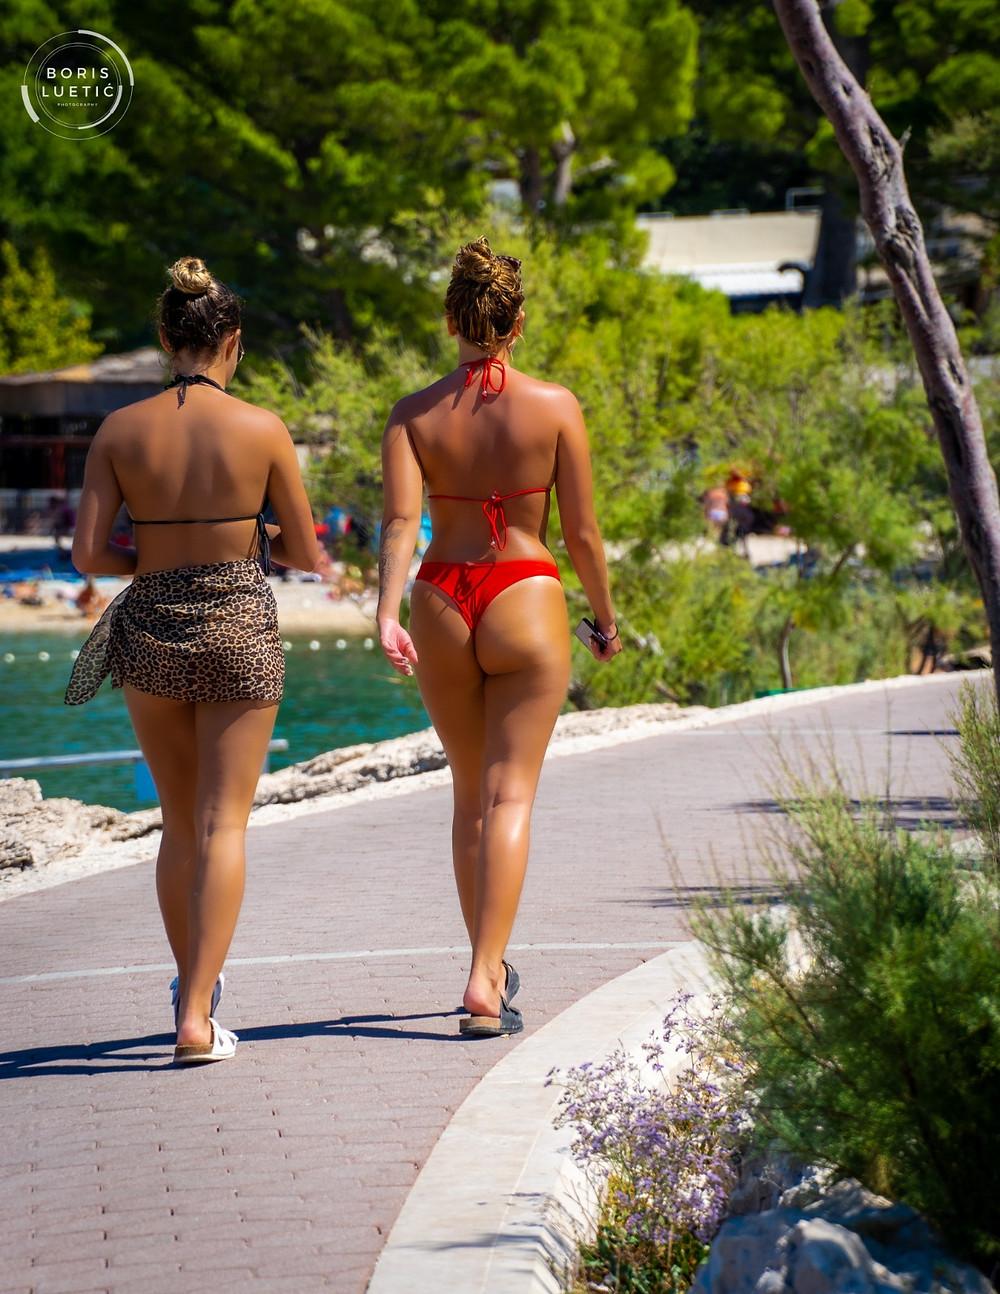 Attractive girls walking around Makarska beach, wearing summer clothes